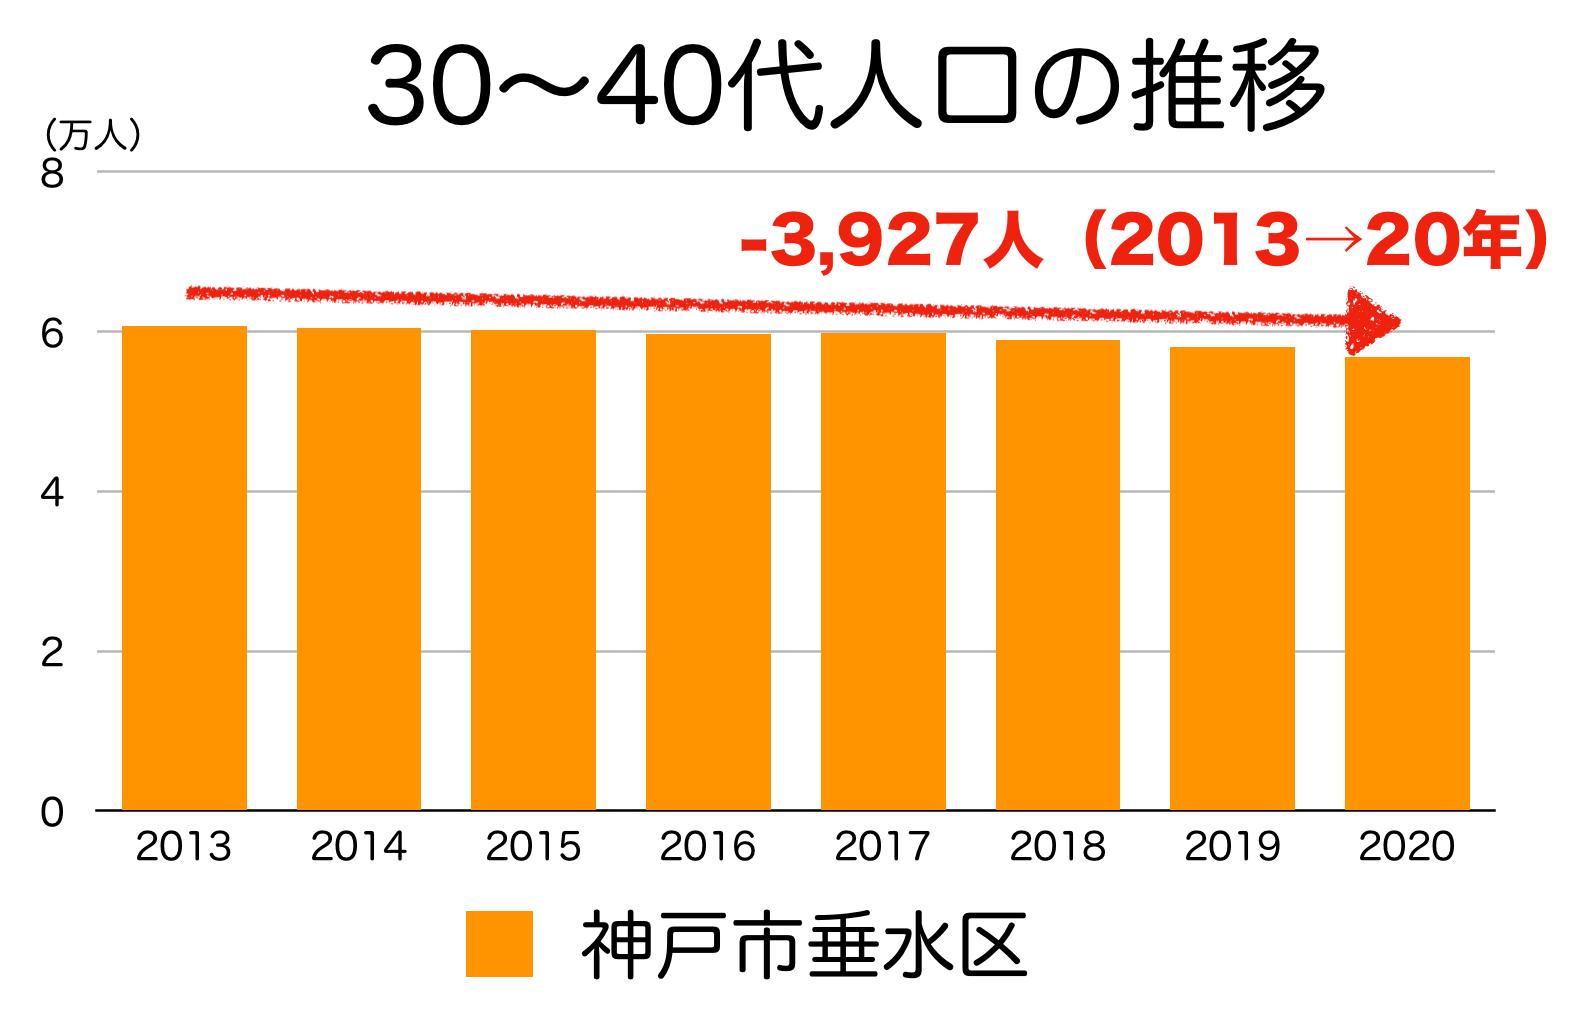 神戸市垂水区の30〜40代人口の推移